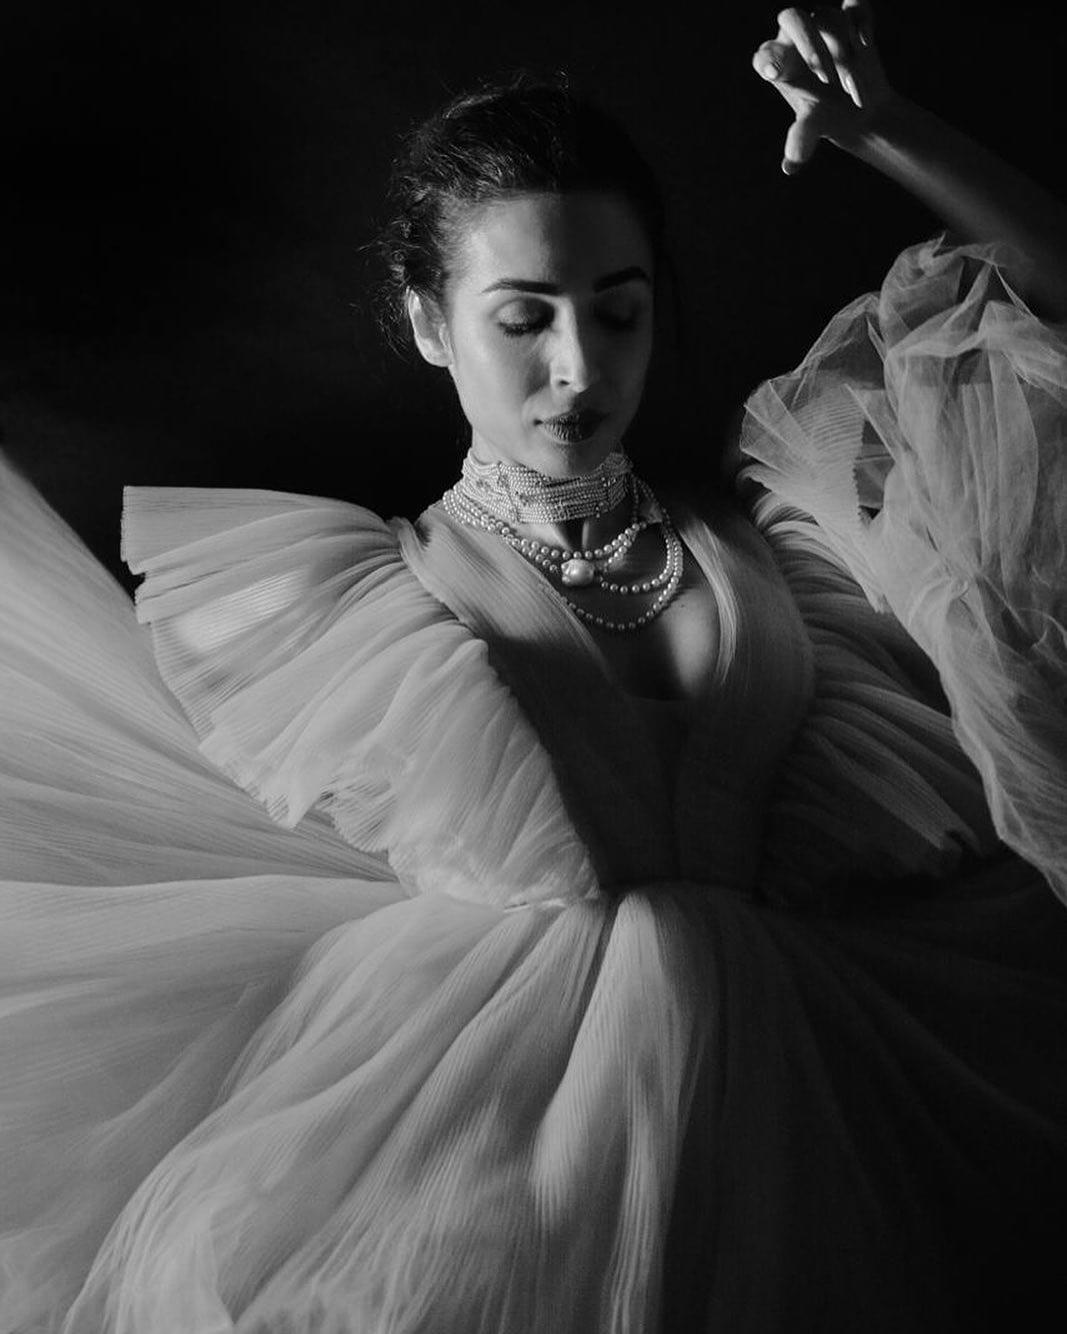 మలైక అరోరా లేటెస్ట్ ఫోటో షూట్ (Instagram/Photo)